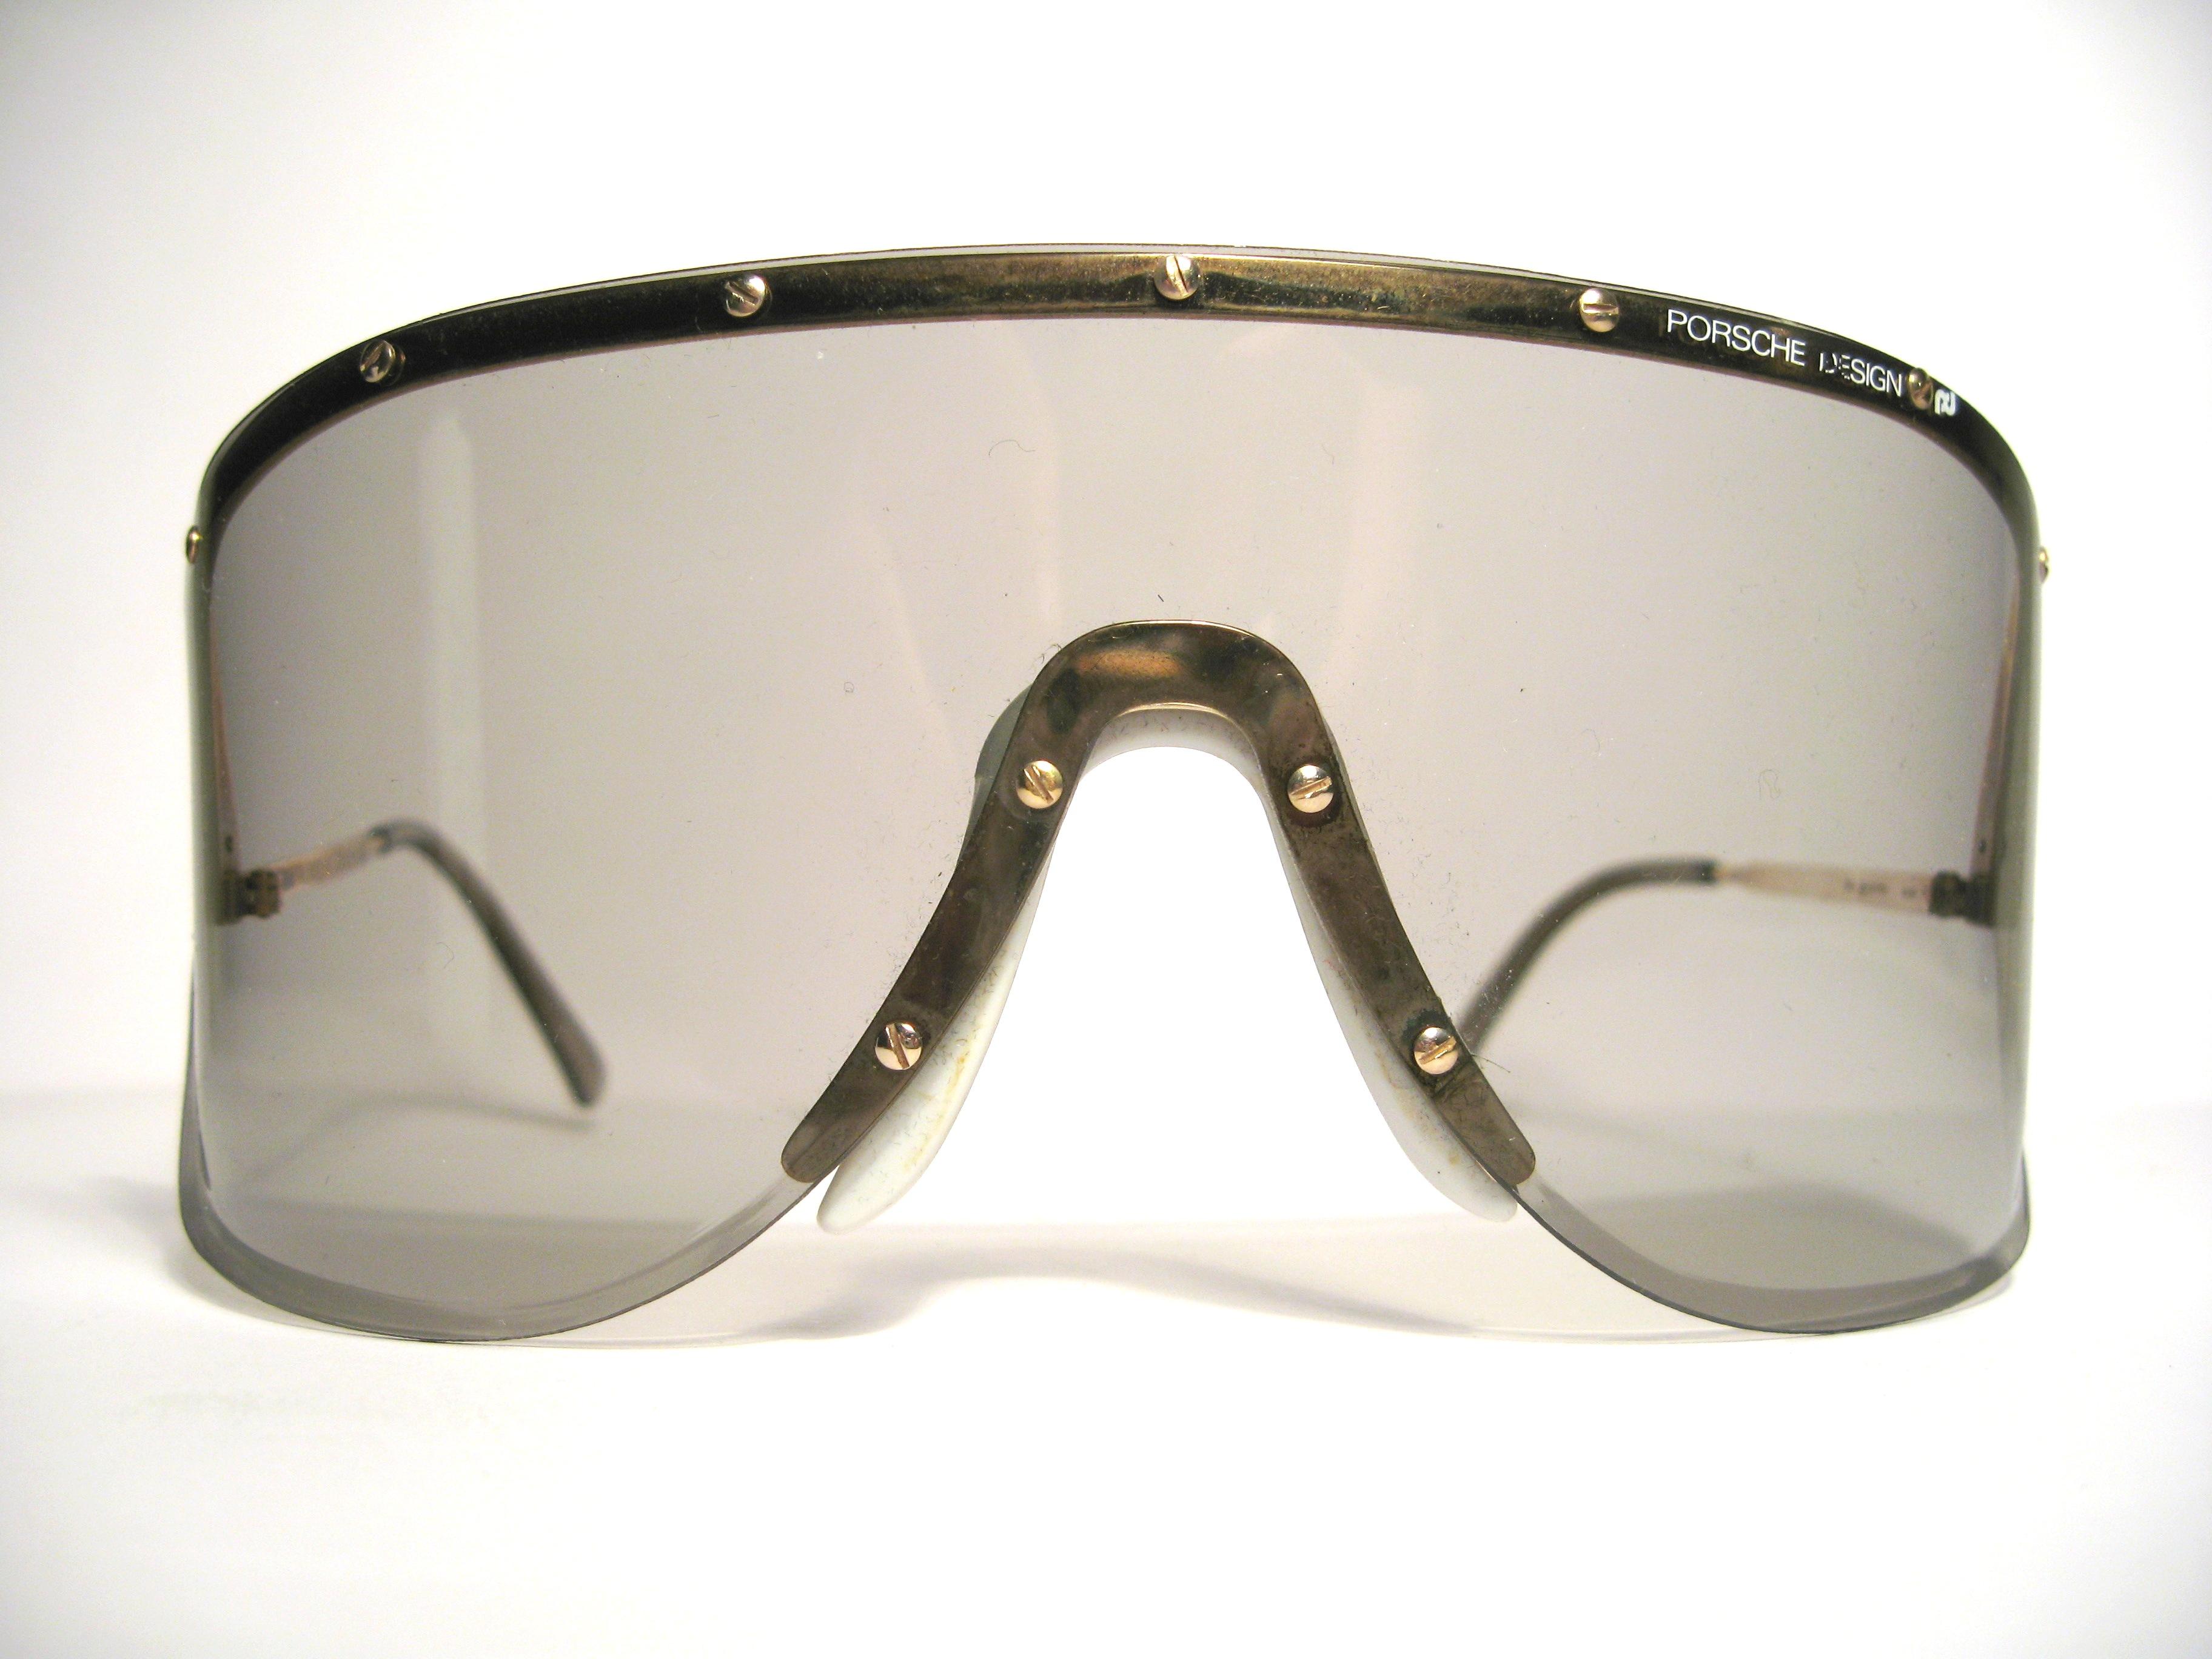 06c593b314db Porsche Carrera Sunglasses Replica